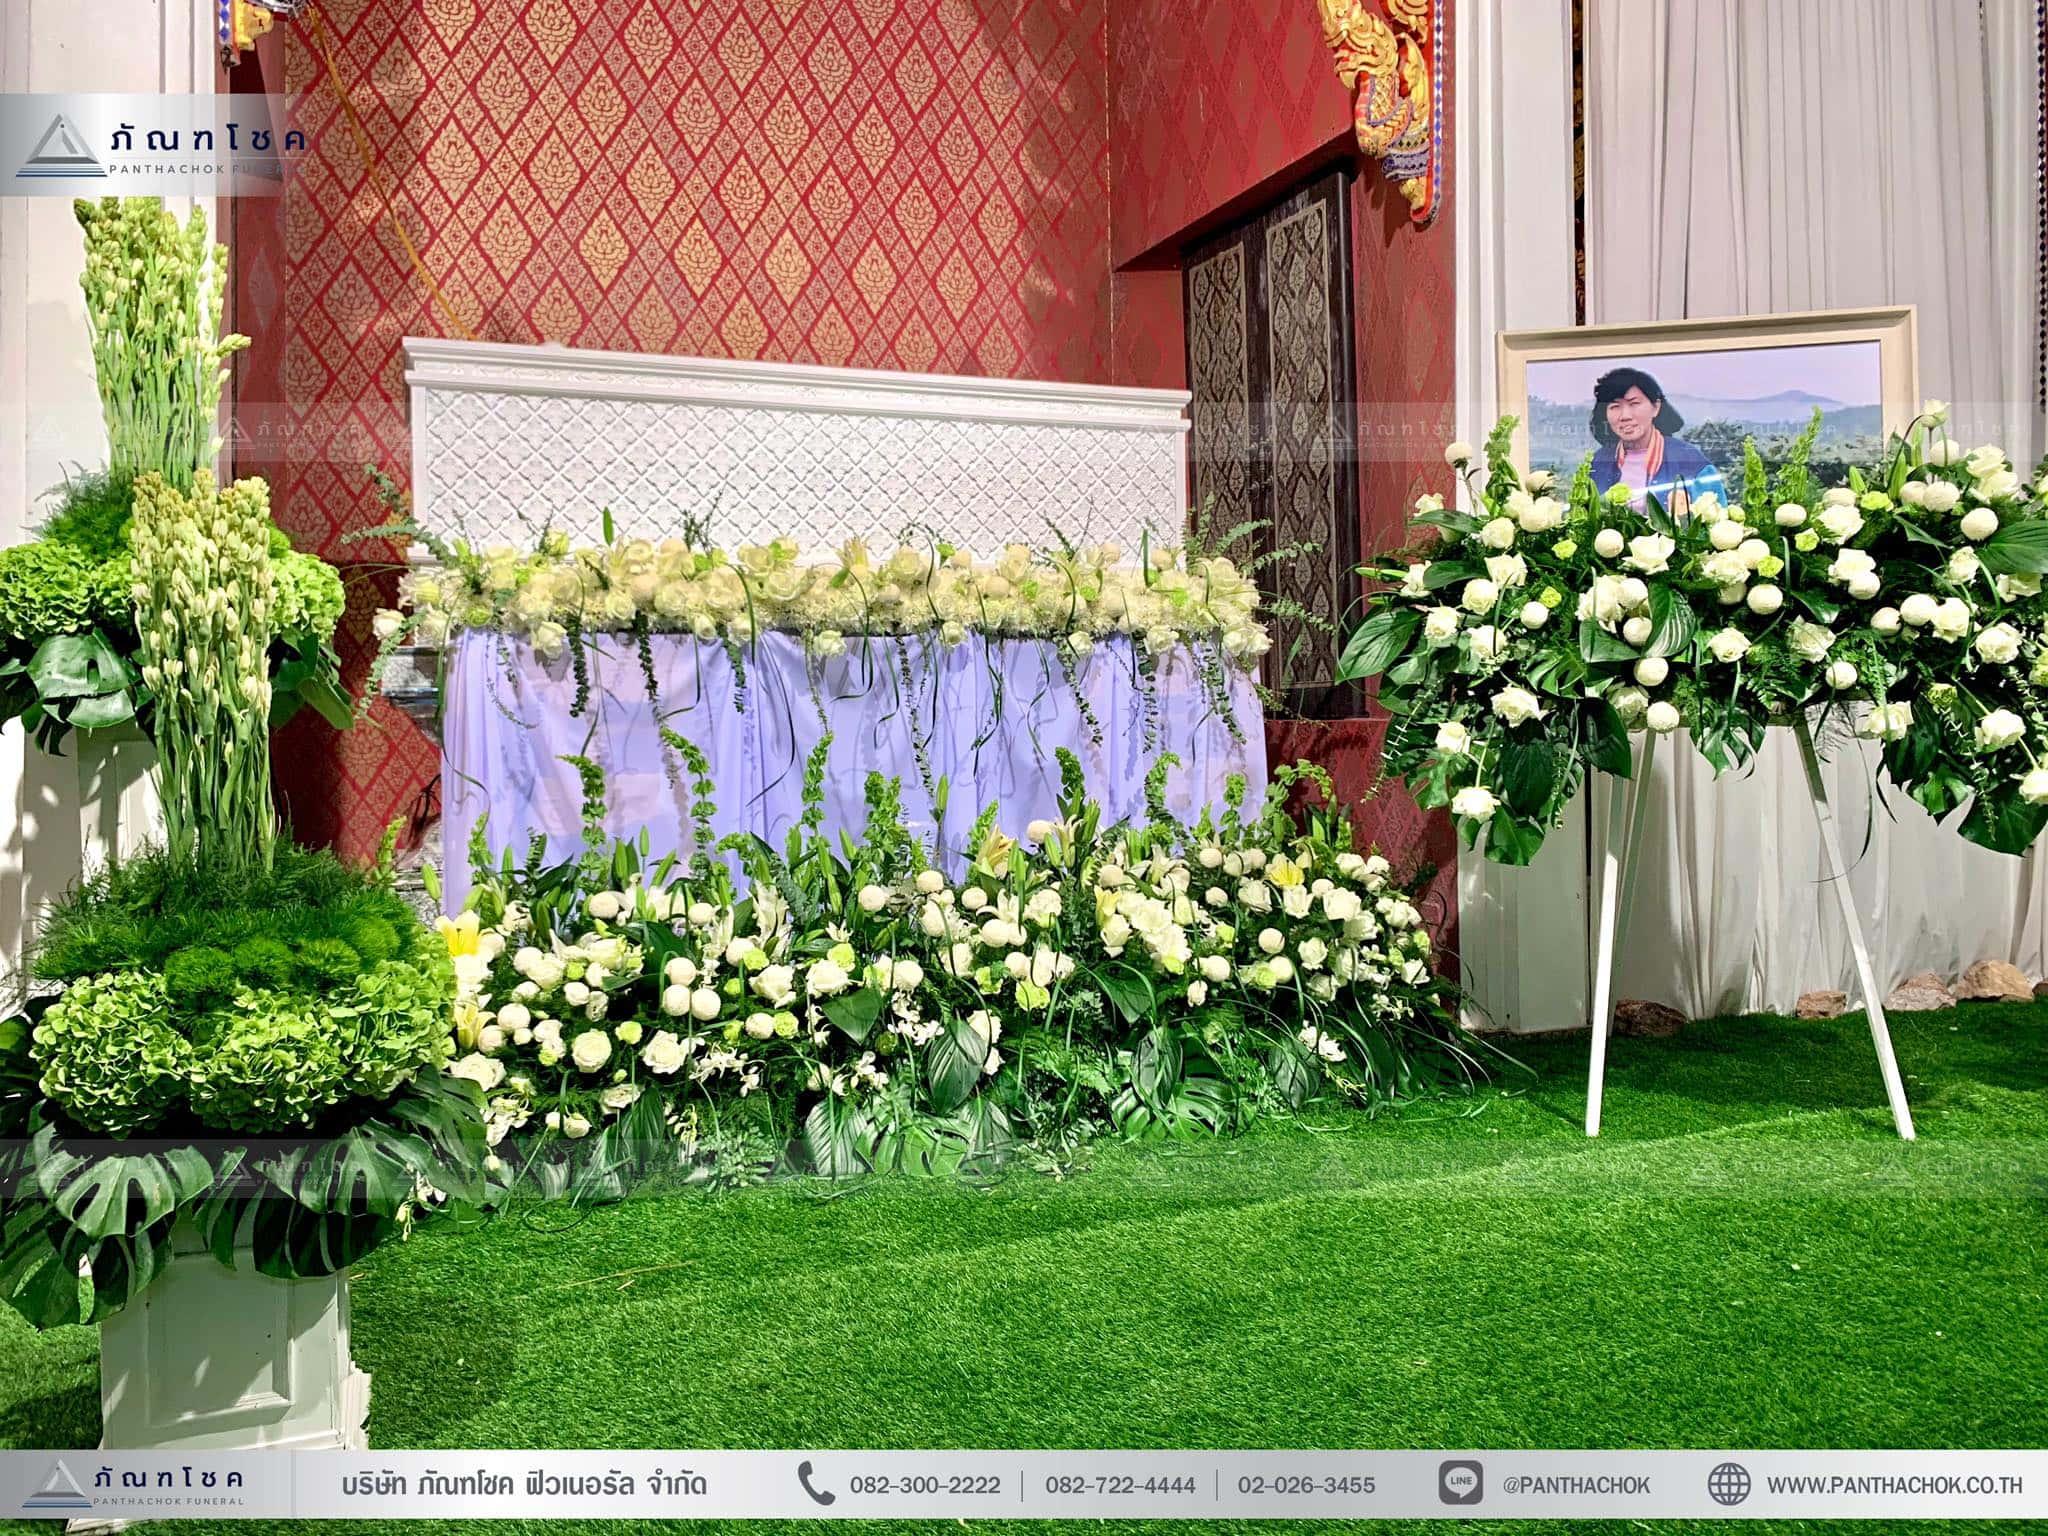 ดอกไม้งานศพในโทนสีขาว-เขียว แนวเรียบหรู รูปแบบแปลกใหม่ 2